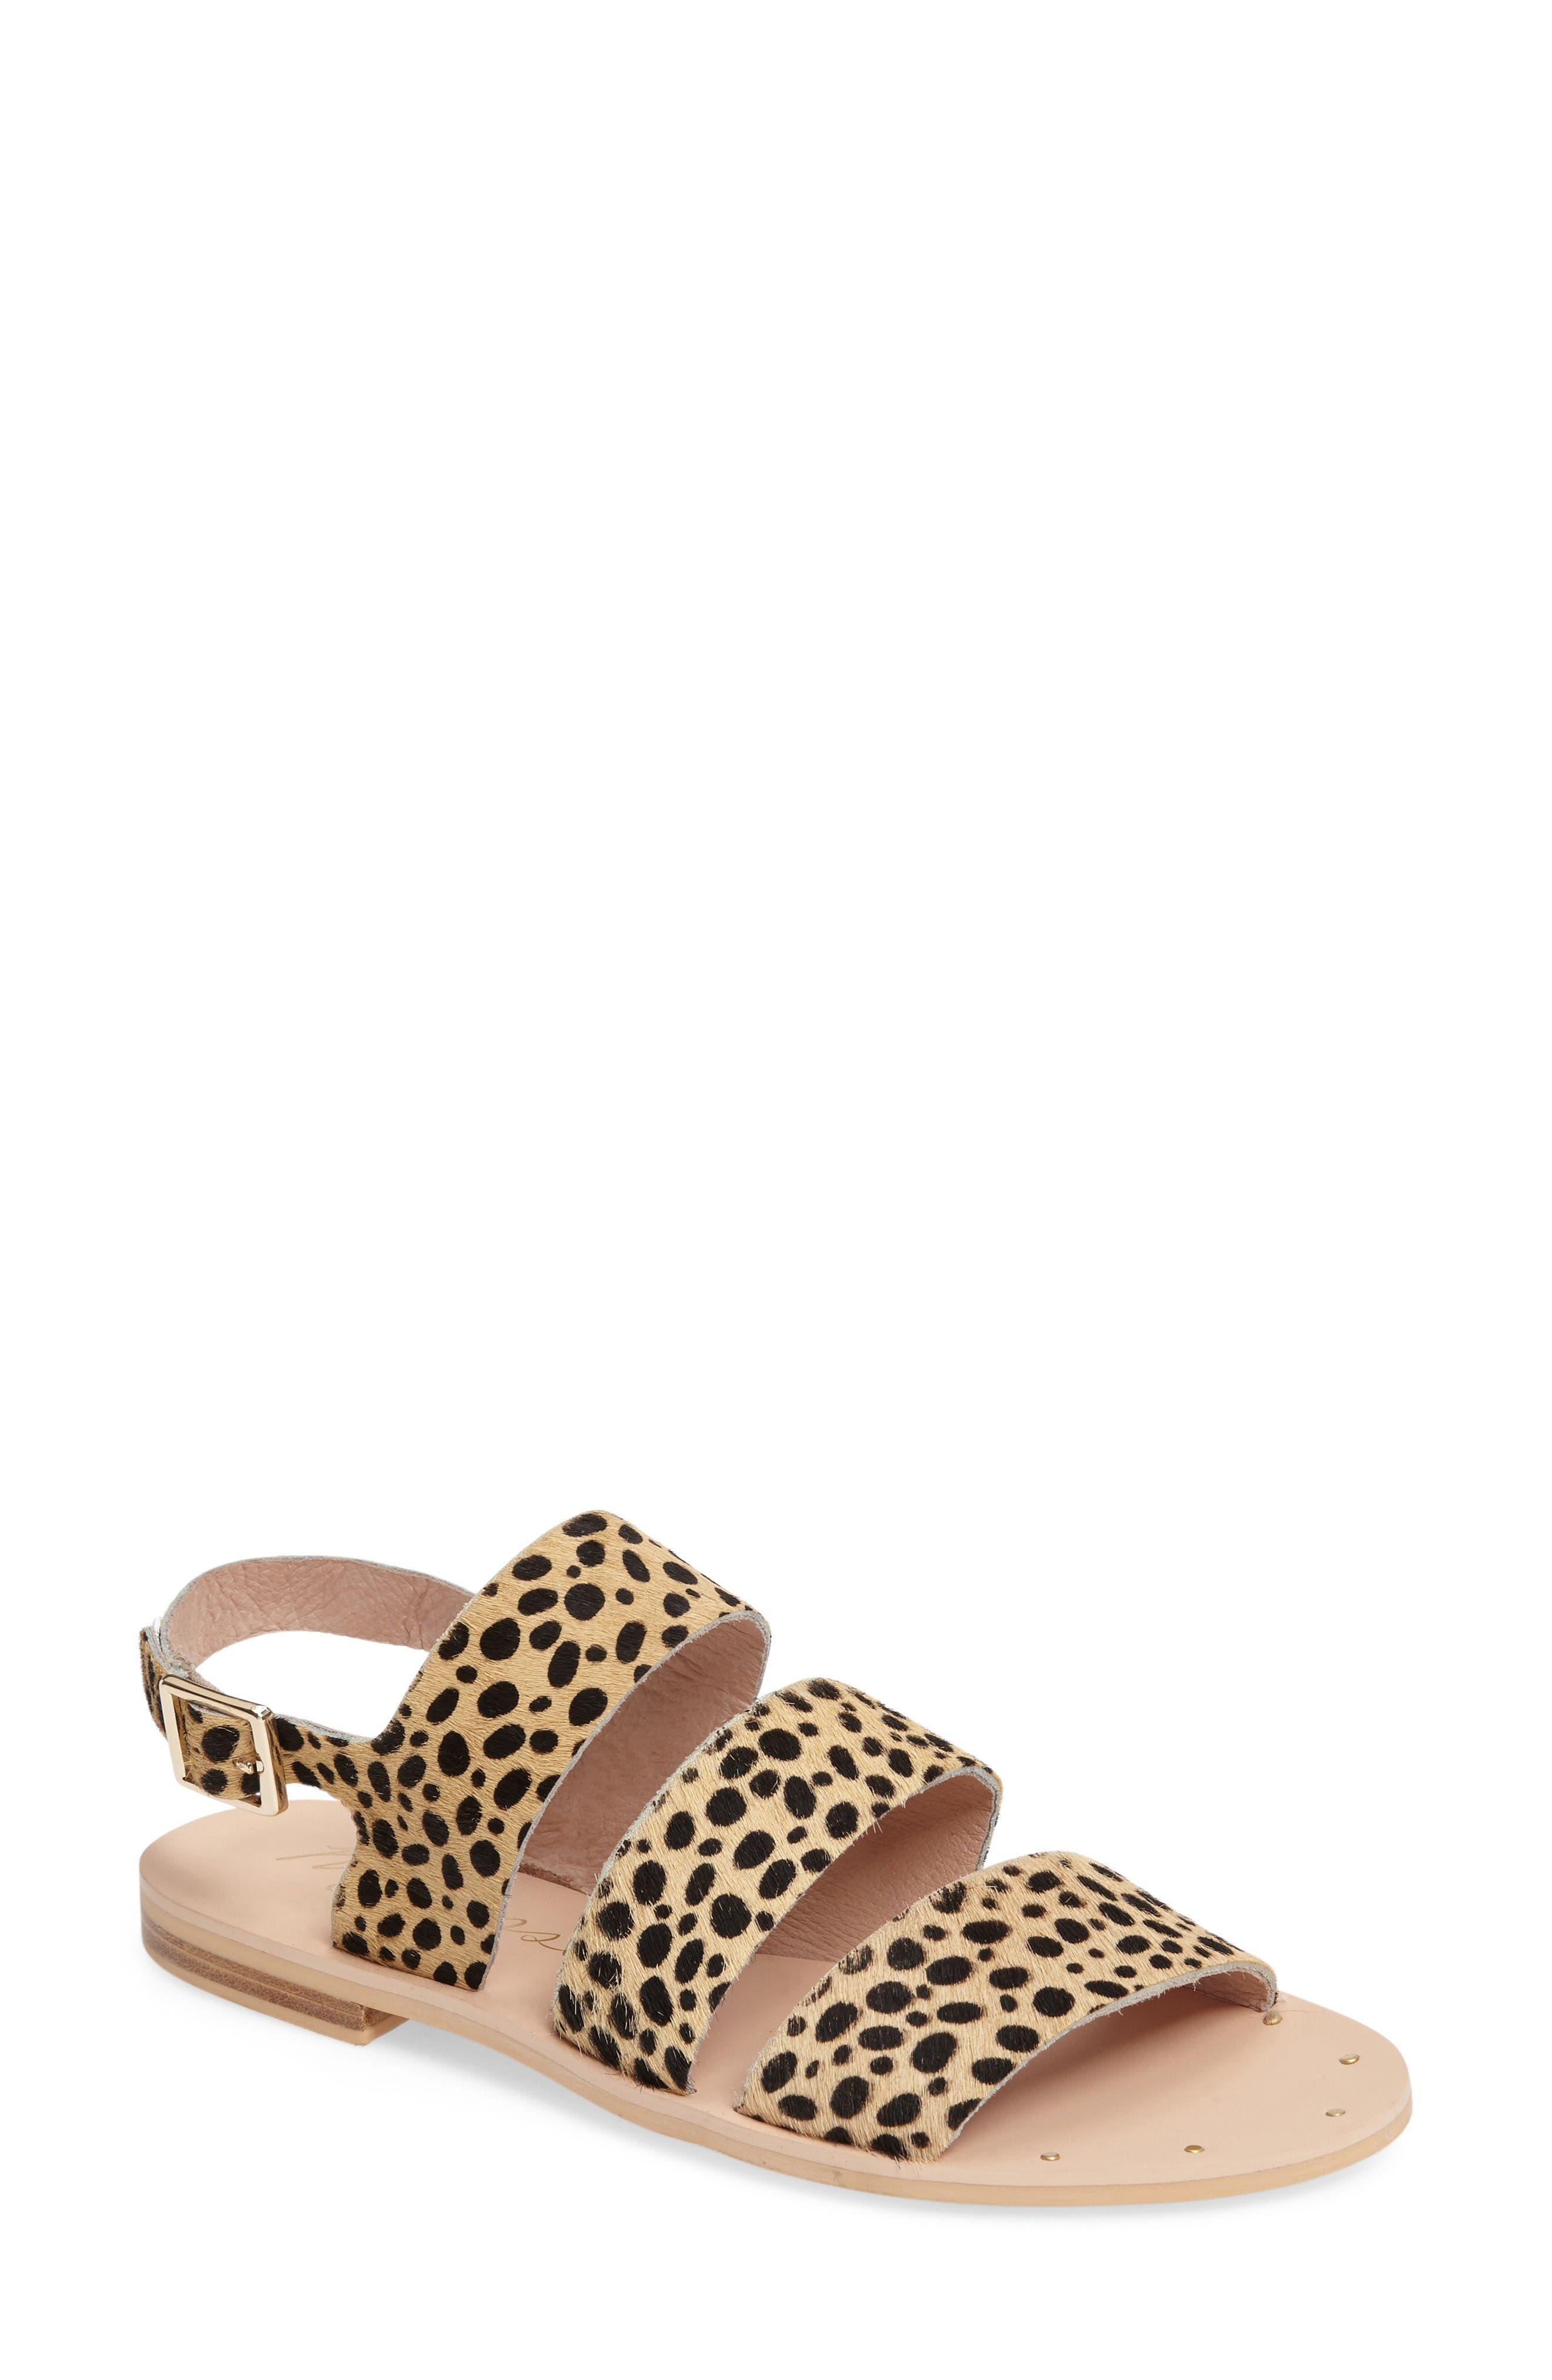 Owen Genuine Calf Hair Sandal,                         Main,                         color, Leopard Calf Hair